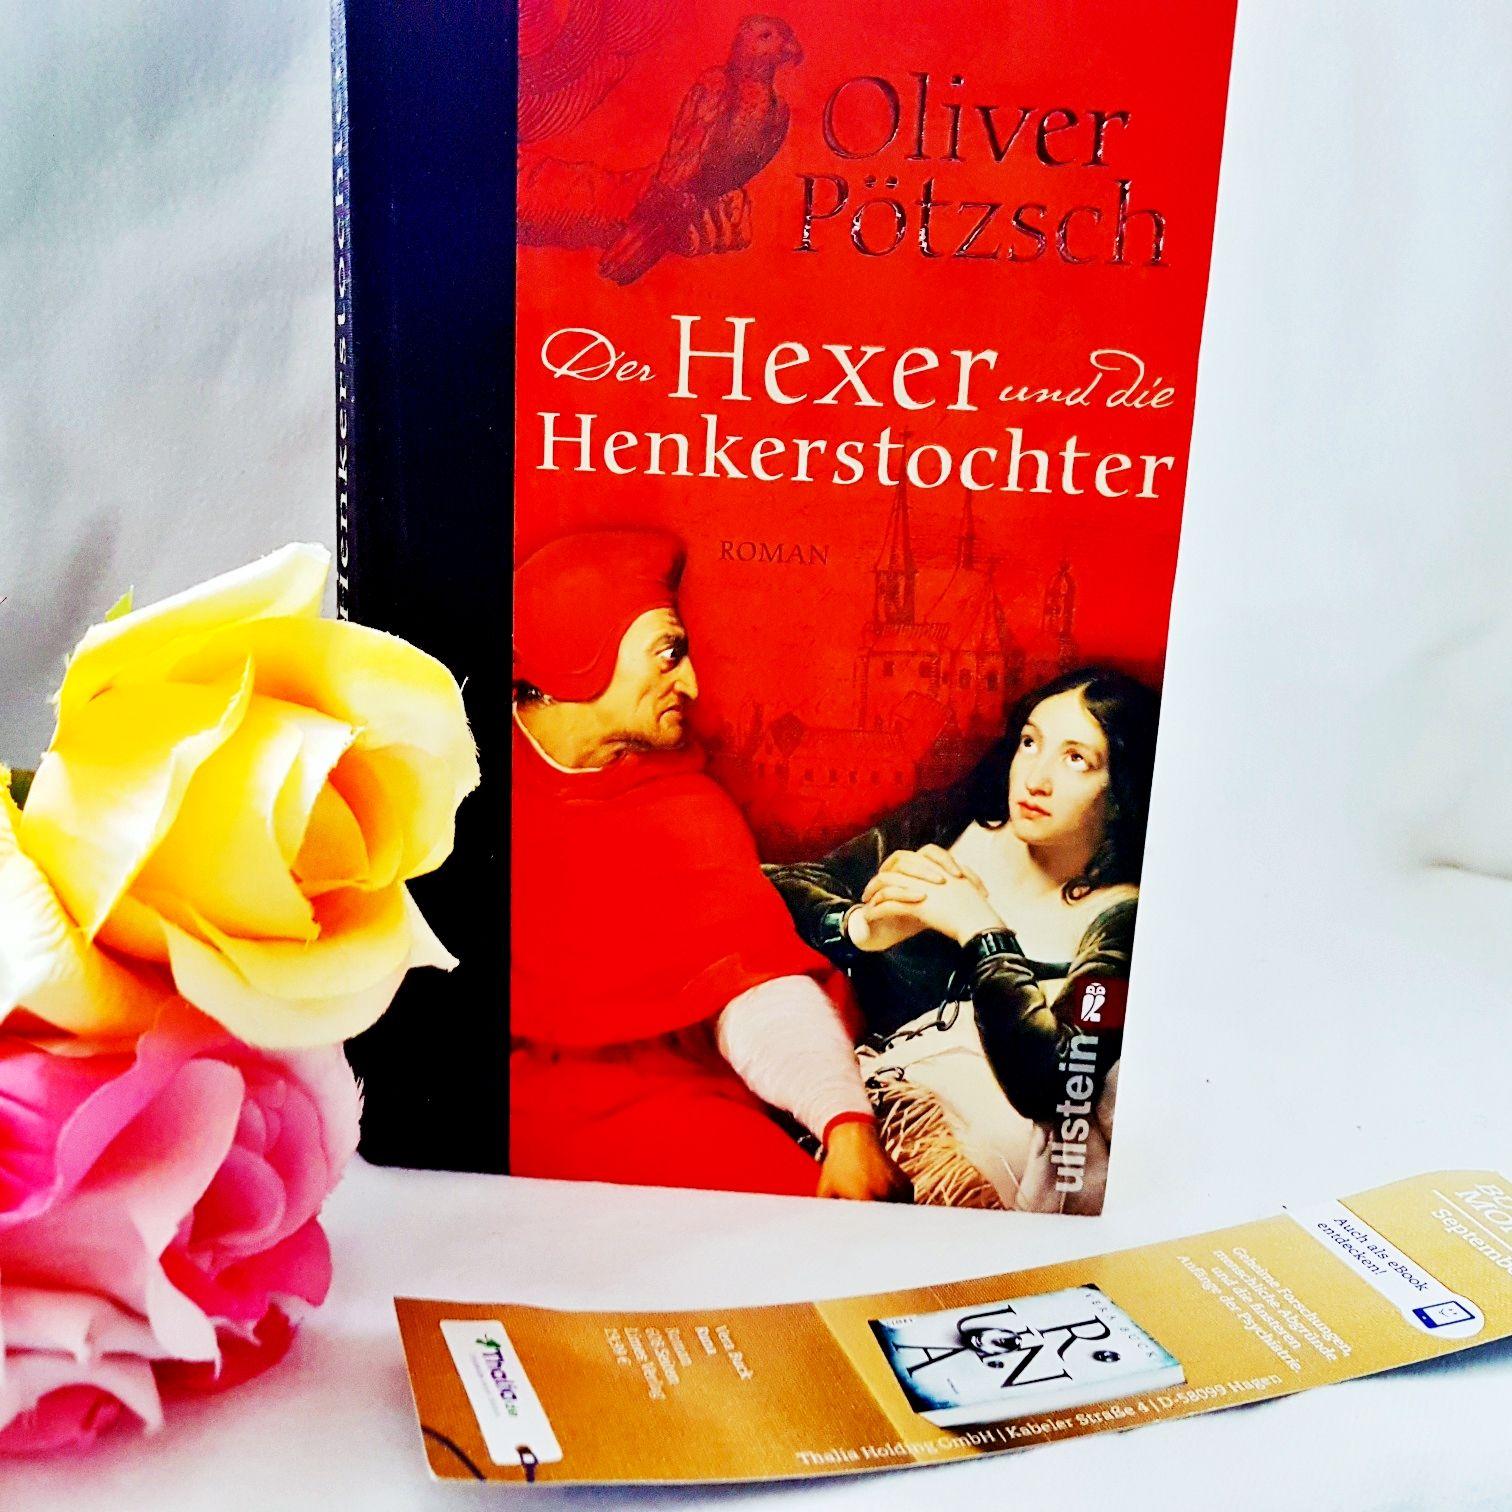 Der Hexer und die Henkerstochter von Oliver Pötzsch